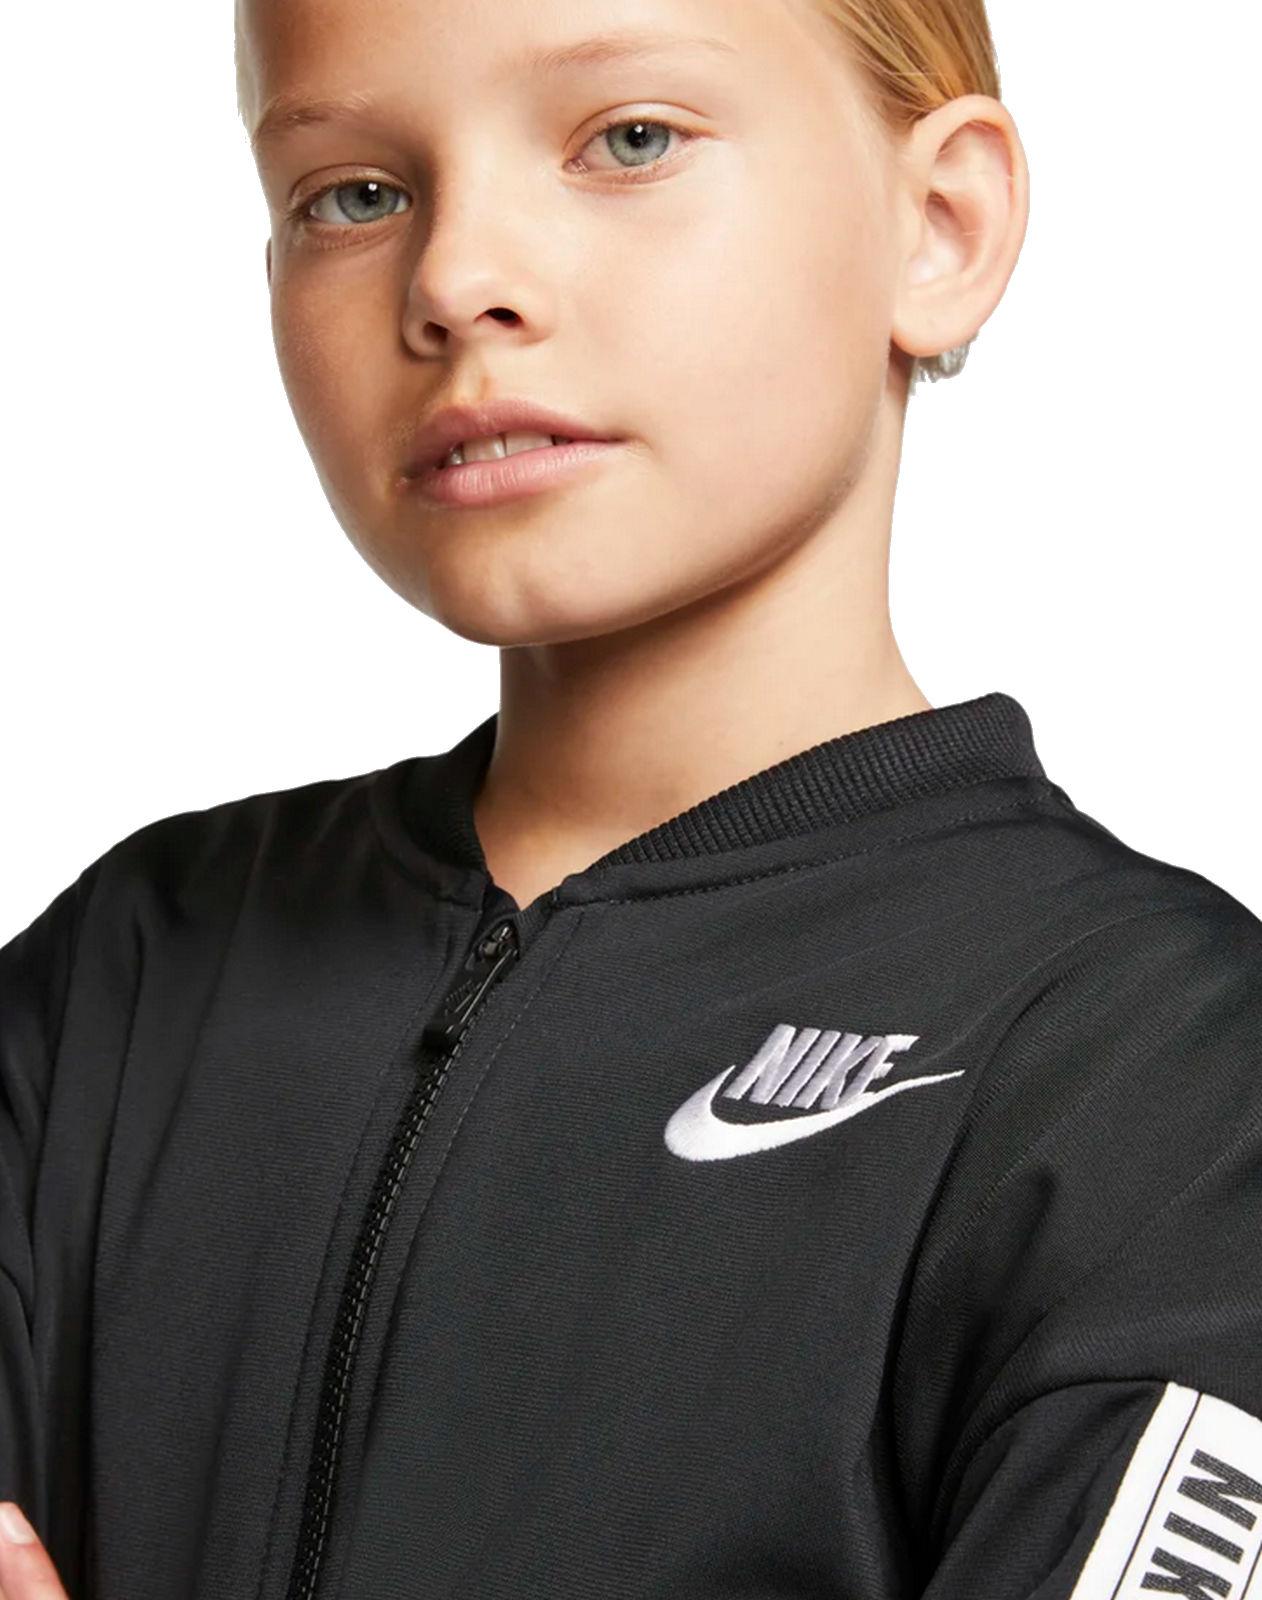 Details zu Nike Mädchen Freizeit Sport Trainingsanzug G NSW TRACK SUIT TRICOT schwarz weiß